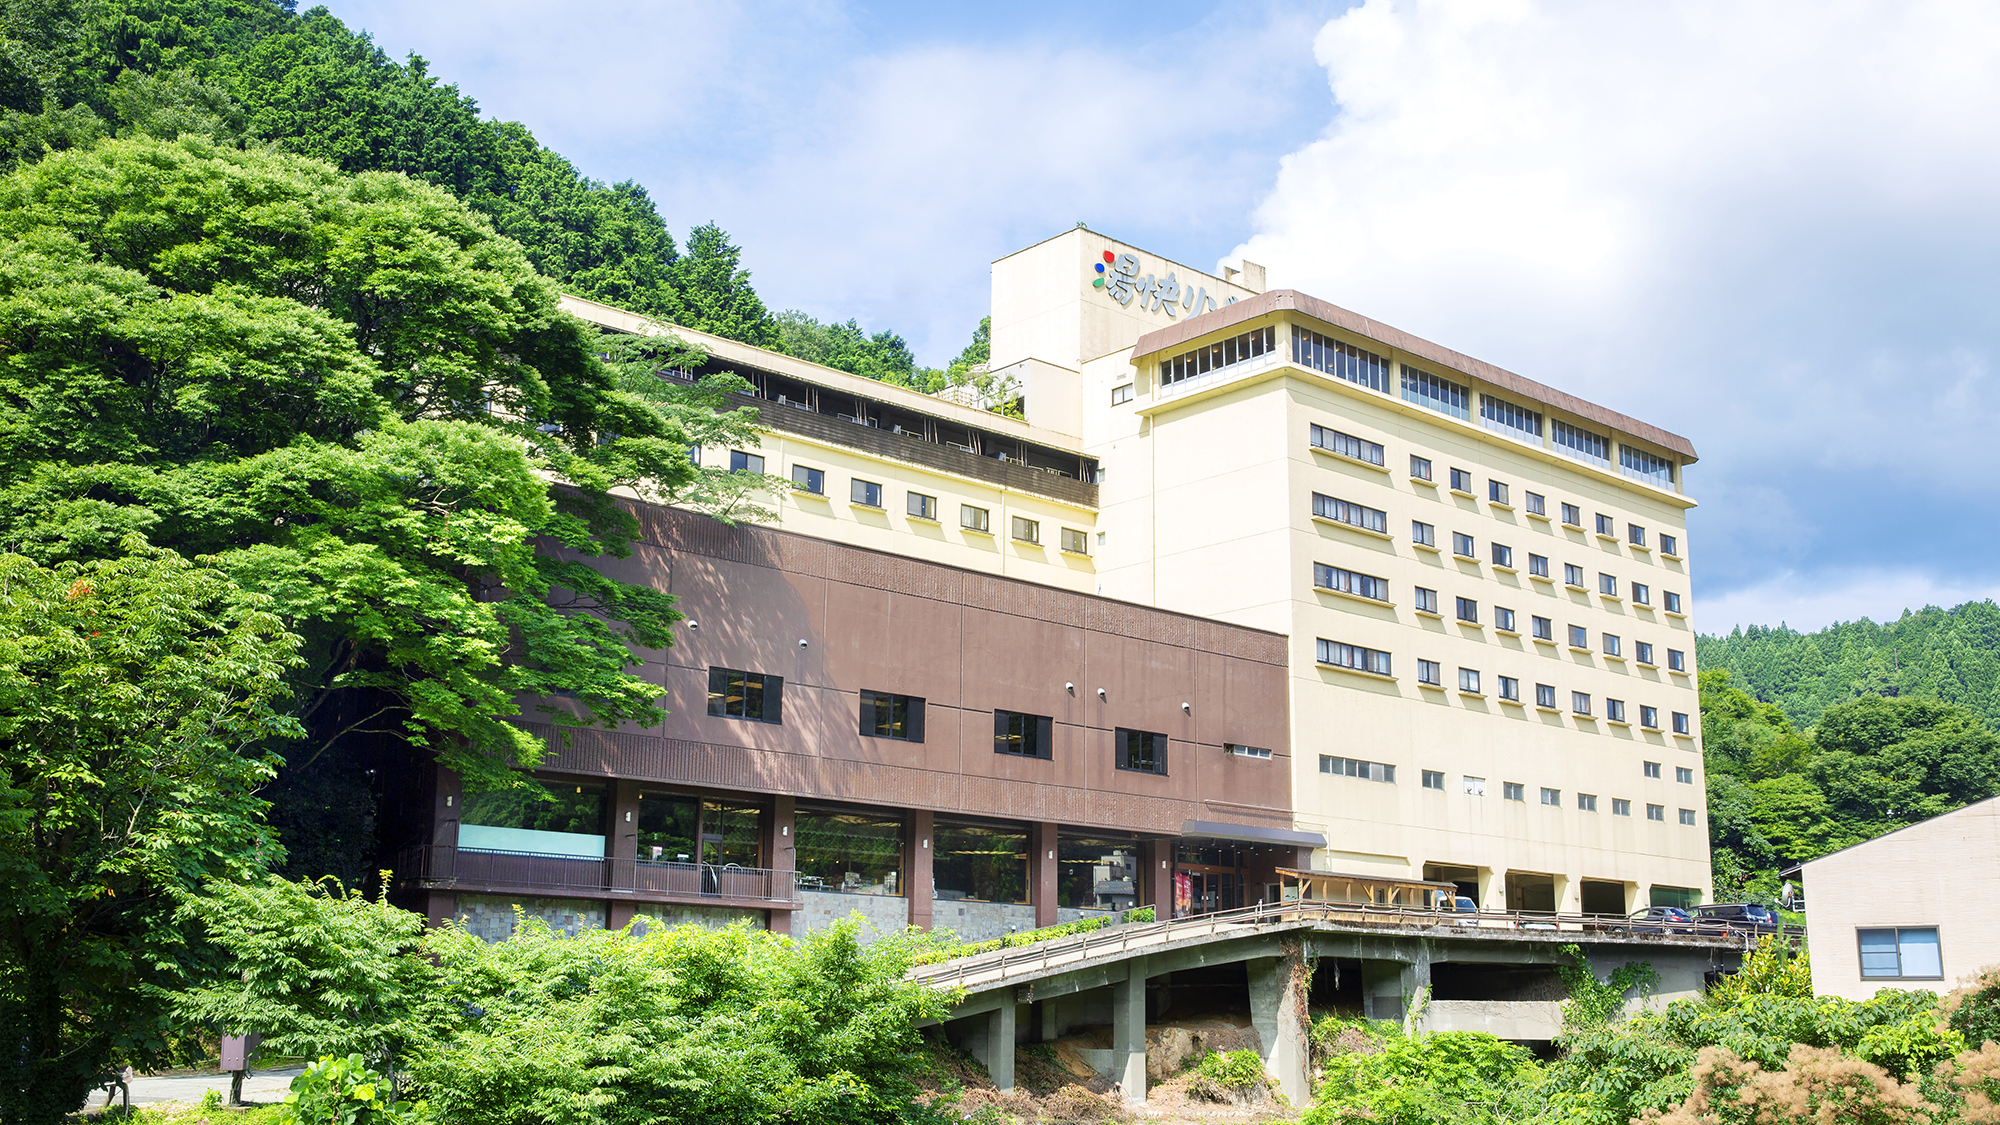 日本全国 カニ食べ放題で温泉に入れる宿は?